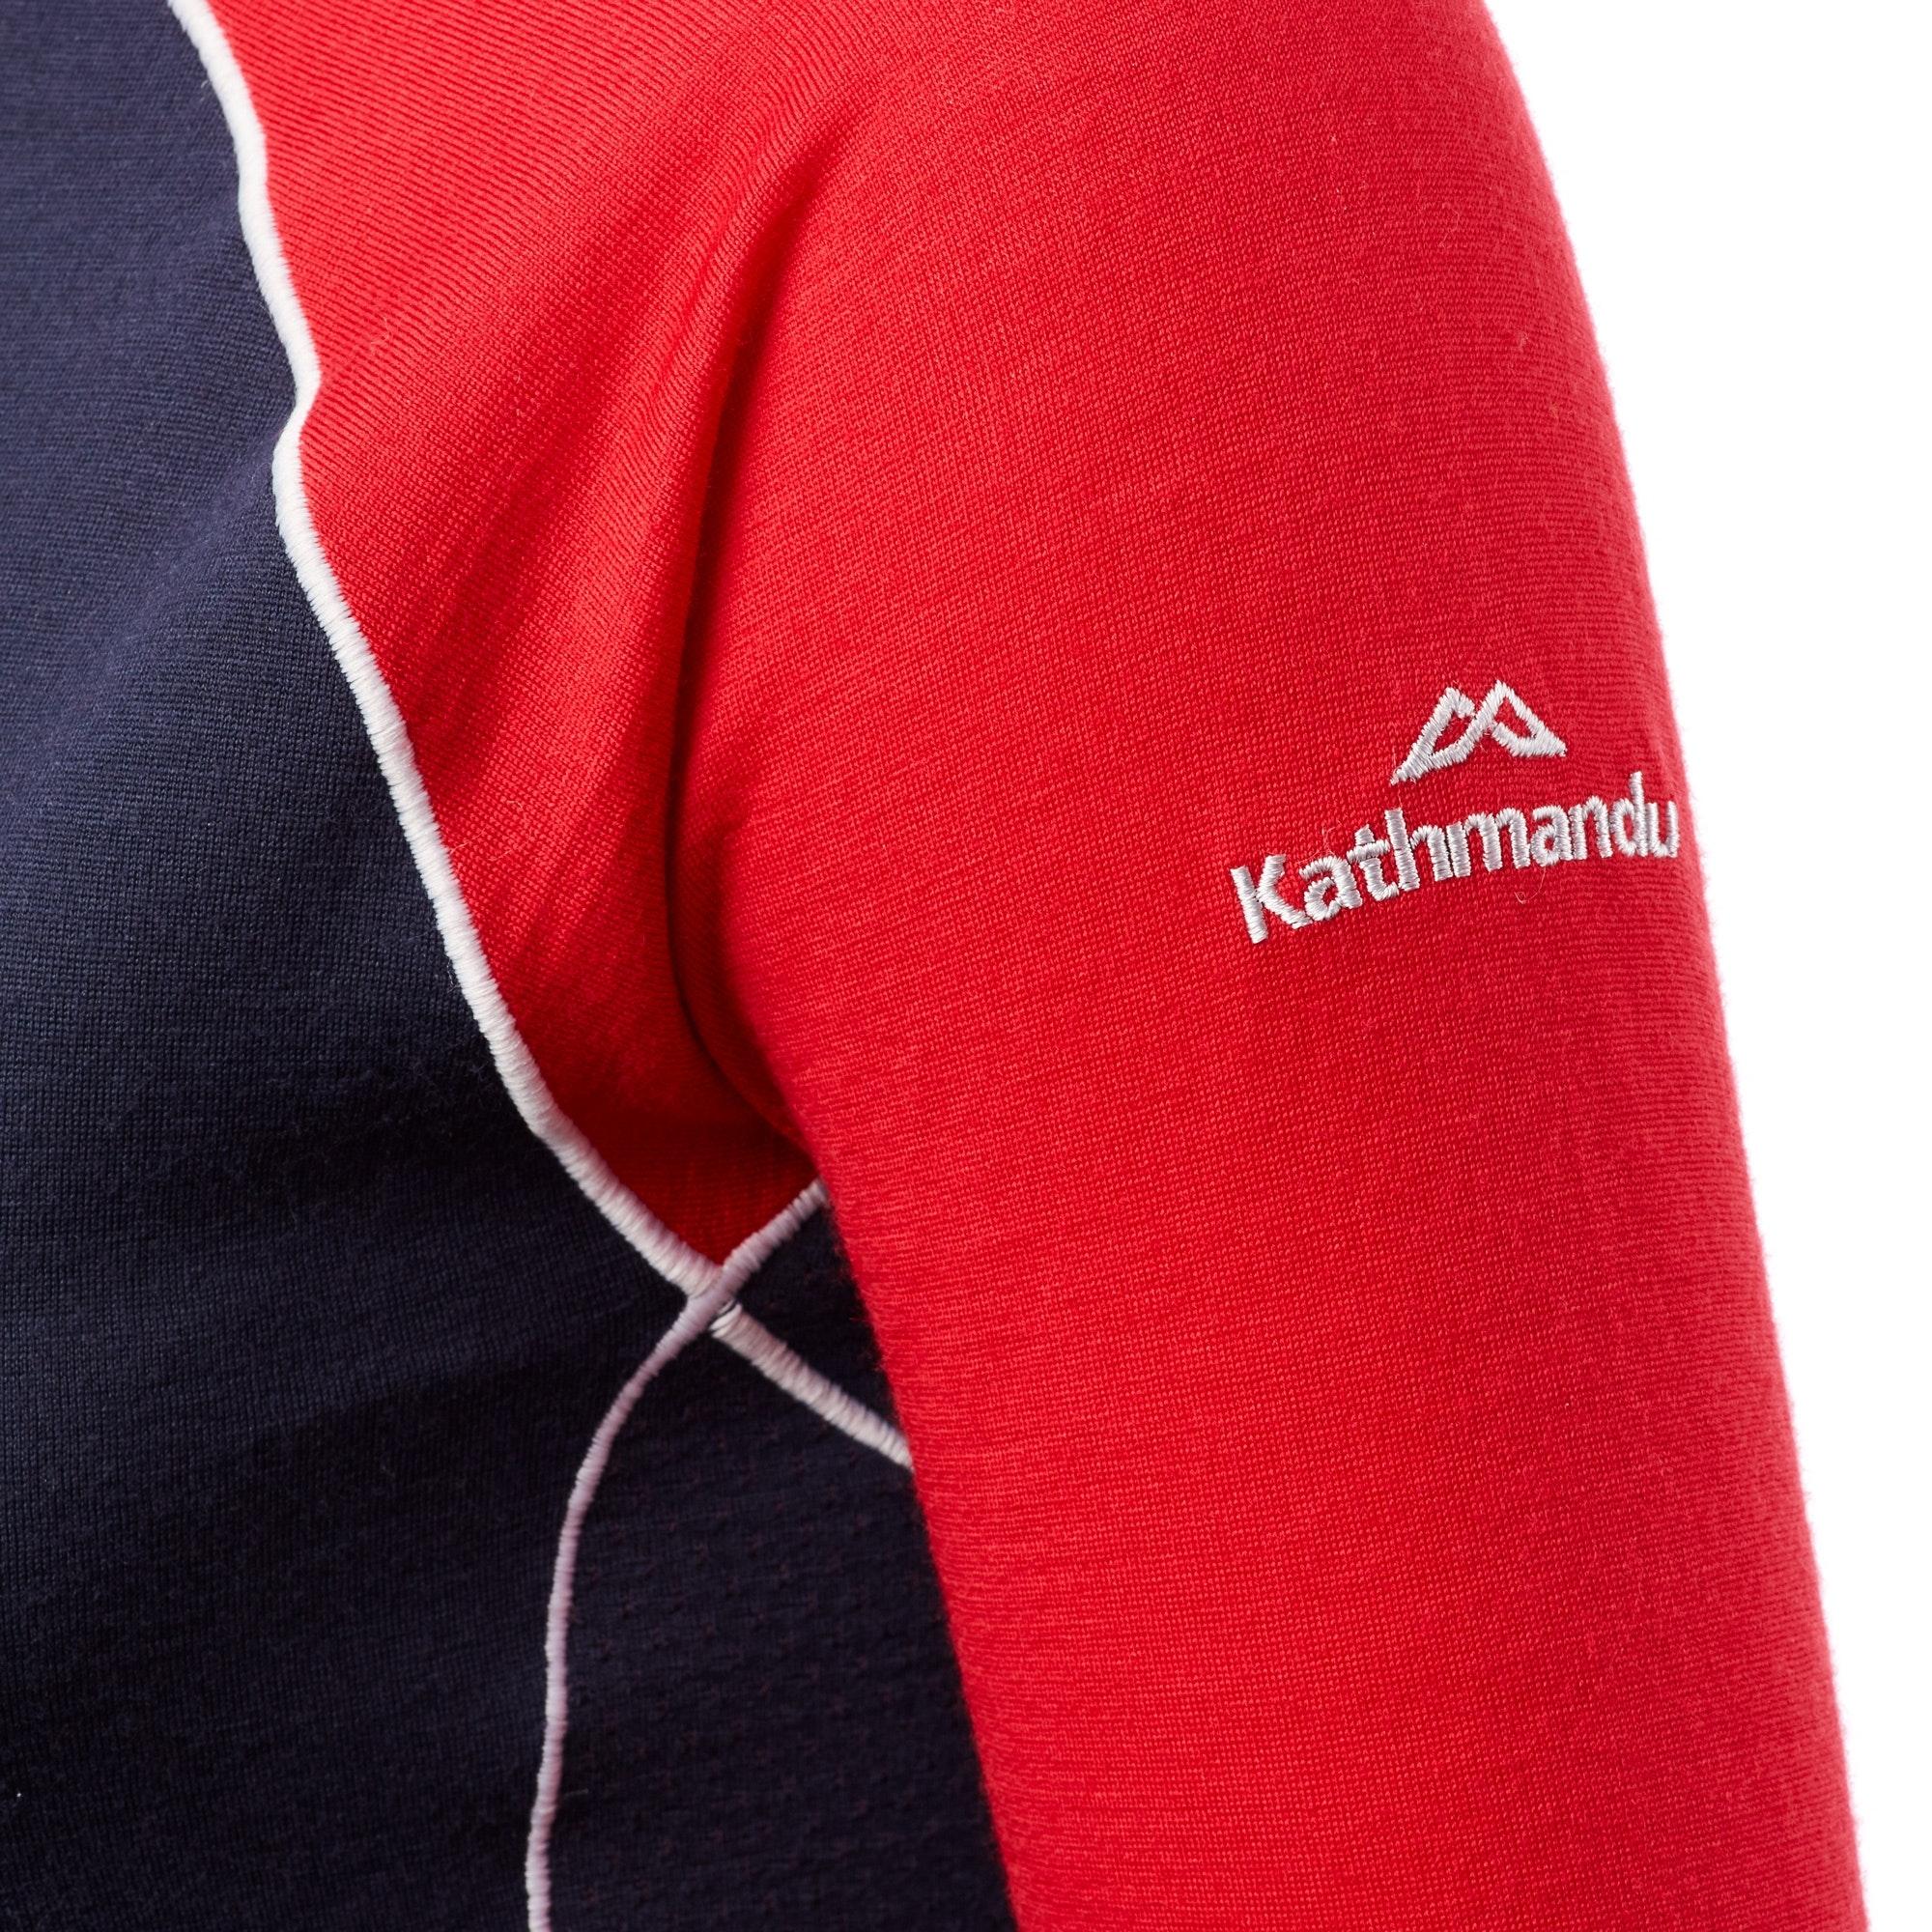 Kathmandu-Flinders-Women-039-s-Merino-Wool-Hiking-Walking-Thermal-1-4-Zip-Top